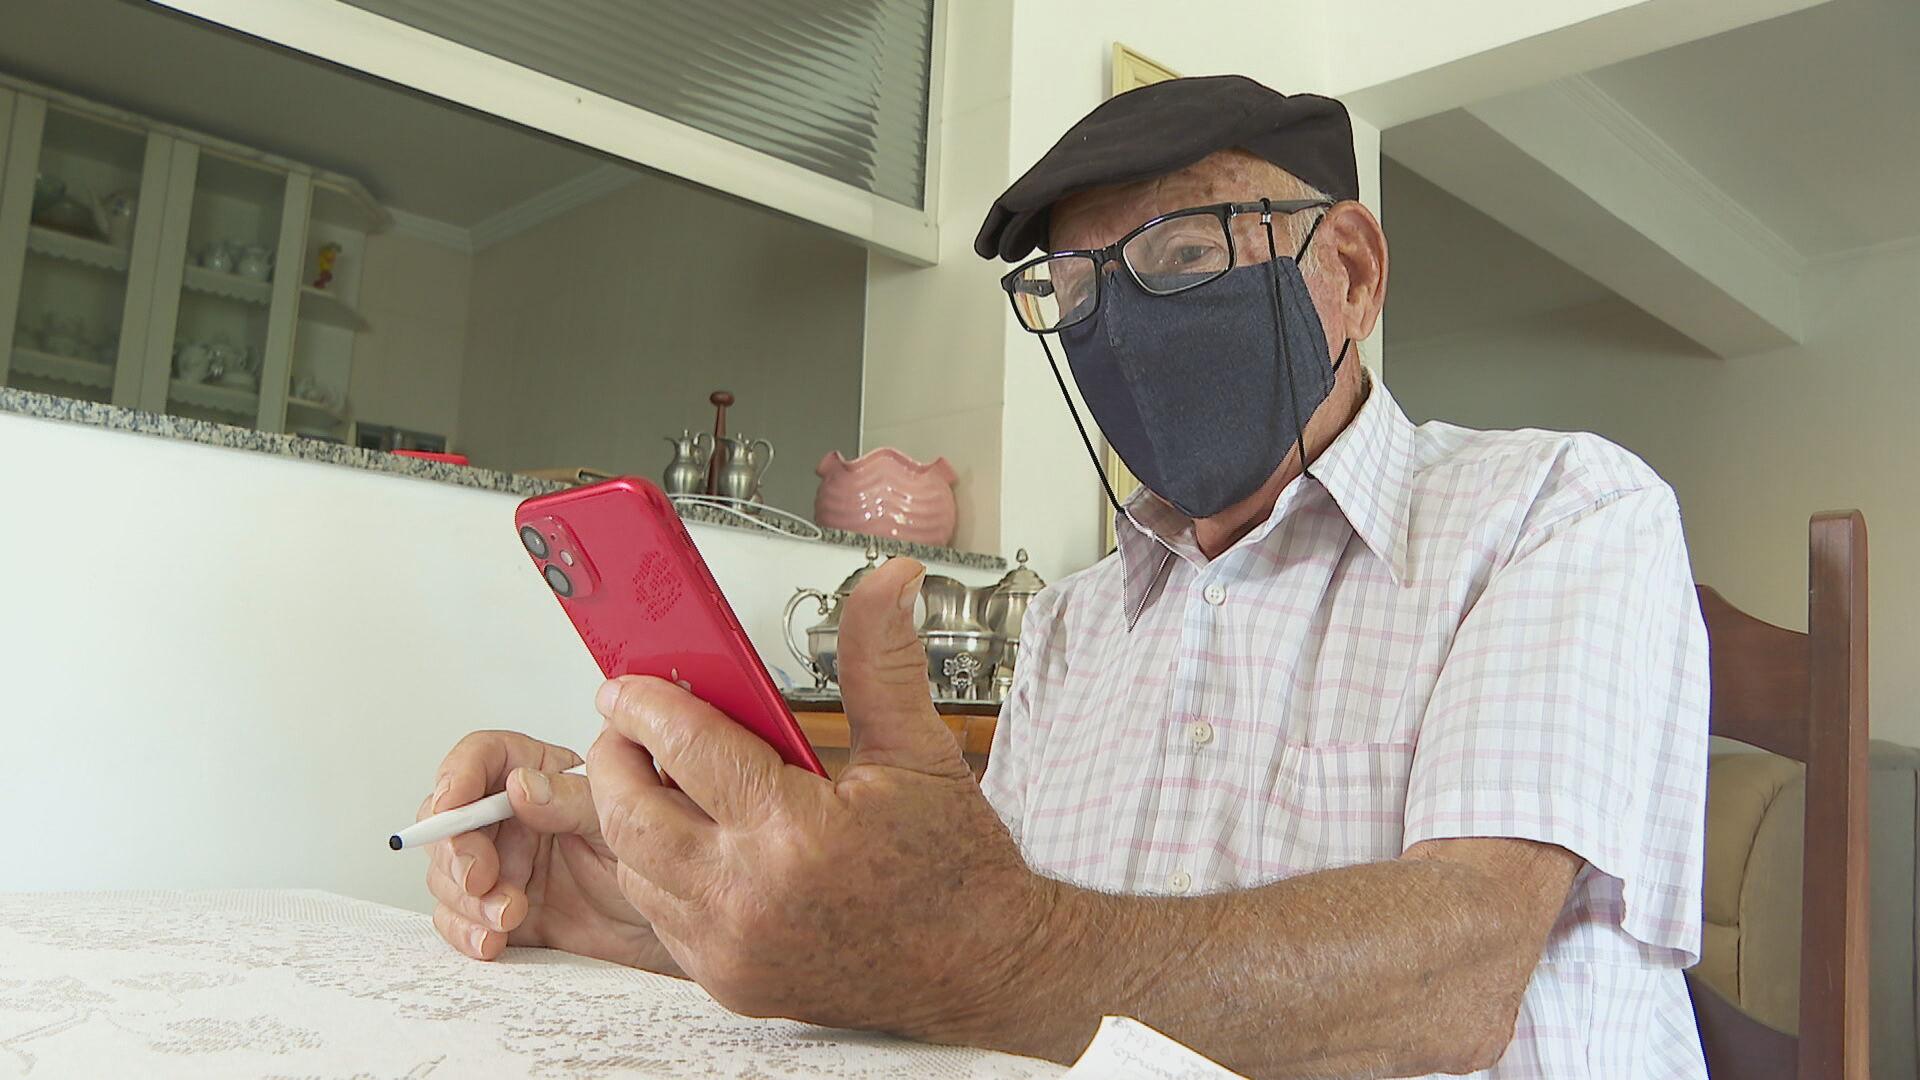 Número de idosos que acessa a internet aumentou no Brasil